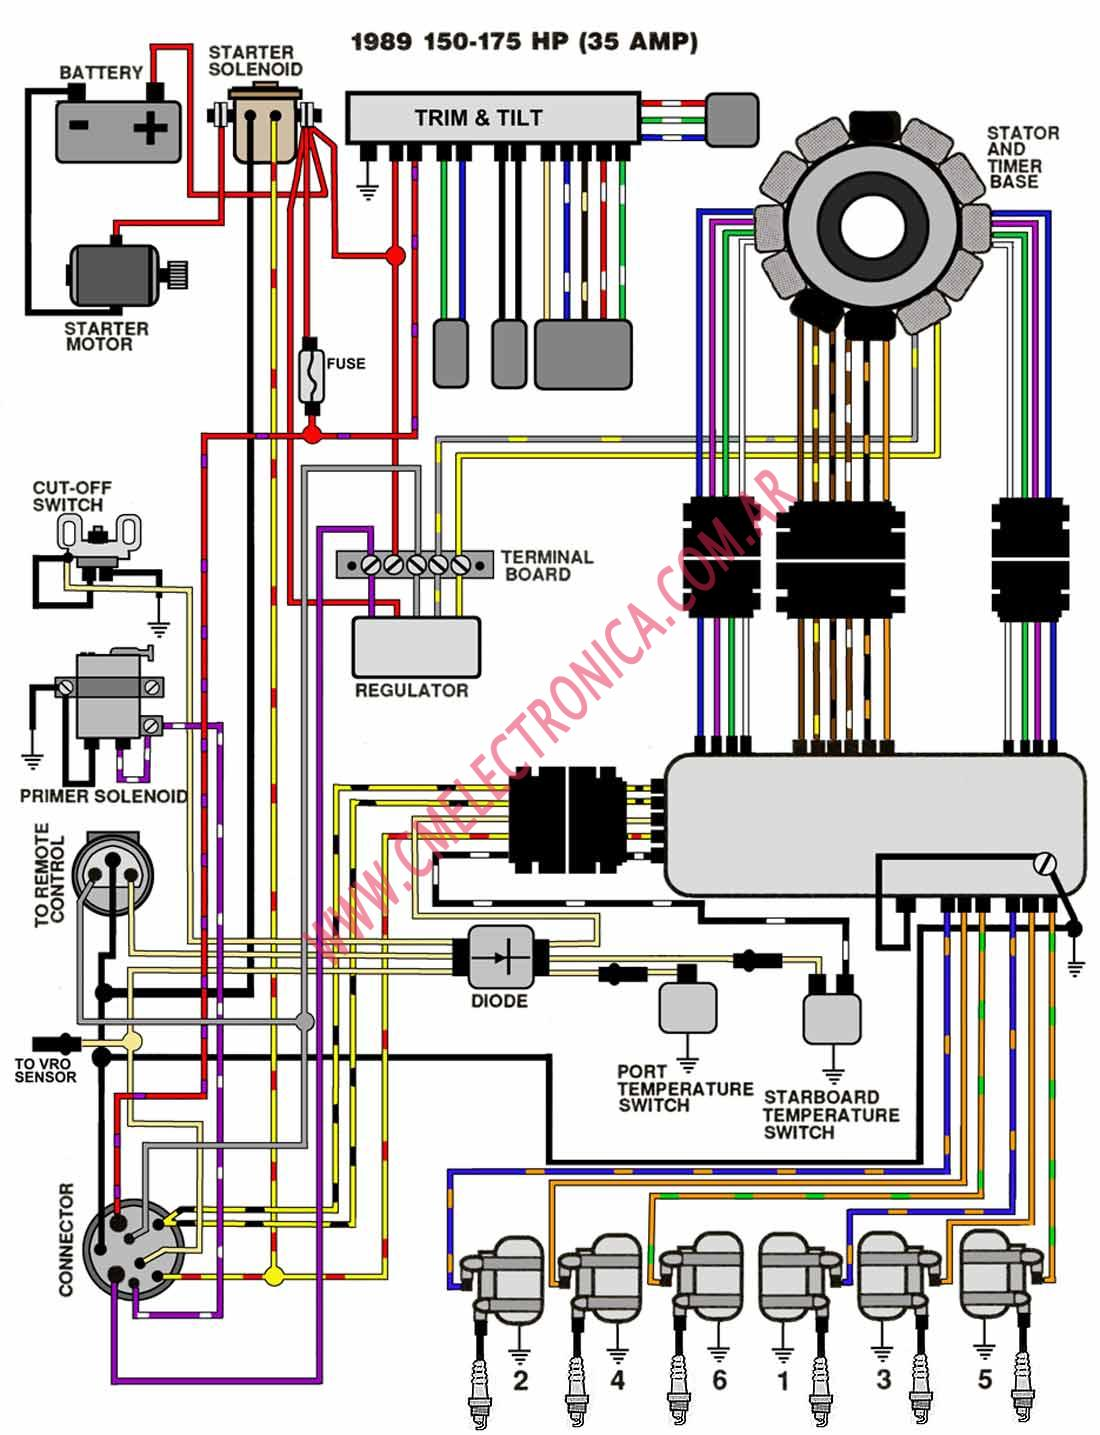 Yamaha Moto 4 200 Wiring Diagrams - Wiring Diagram